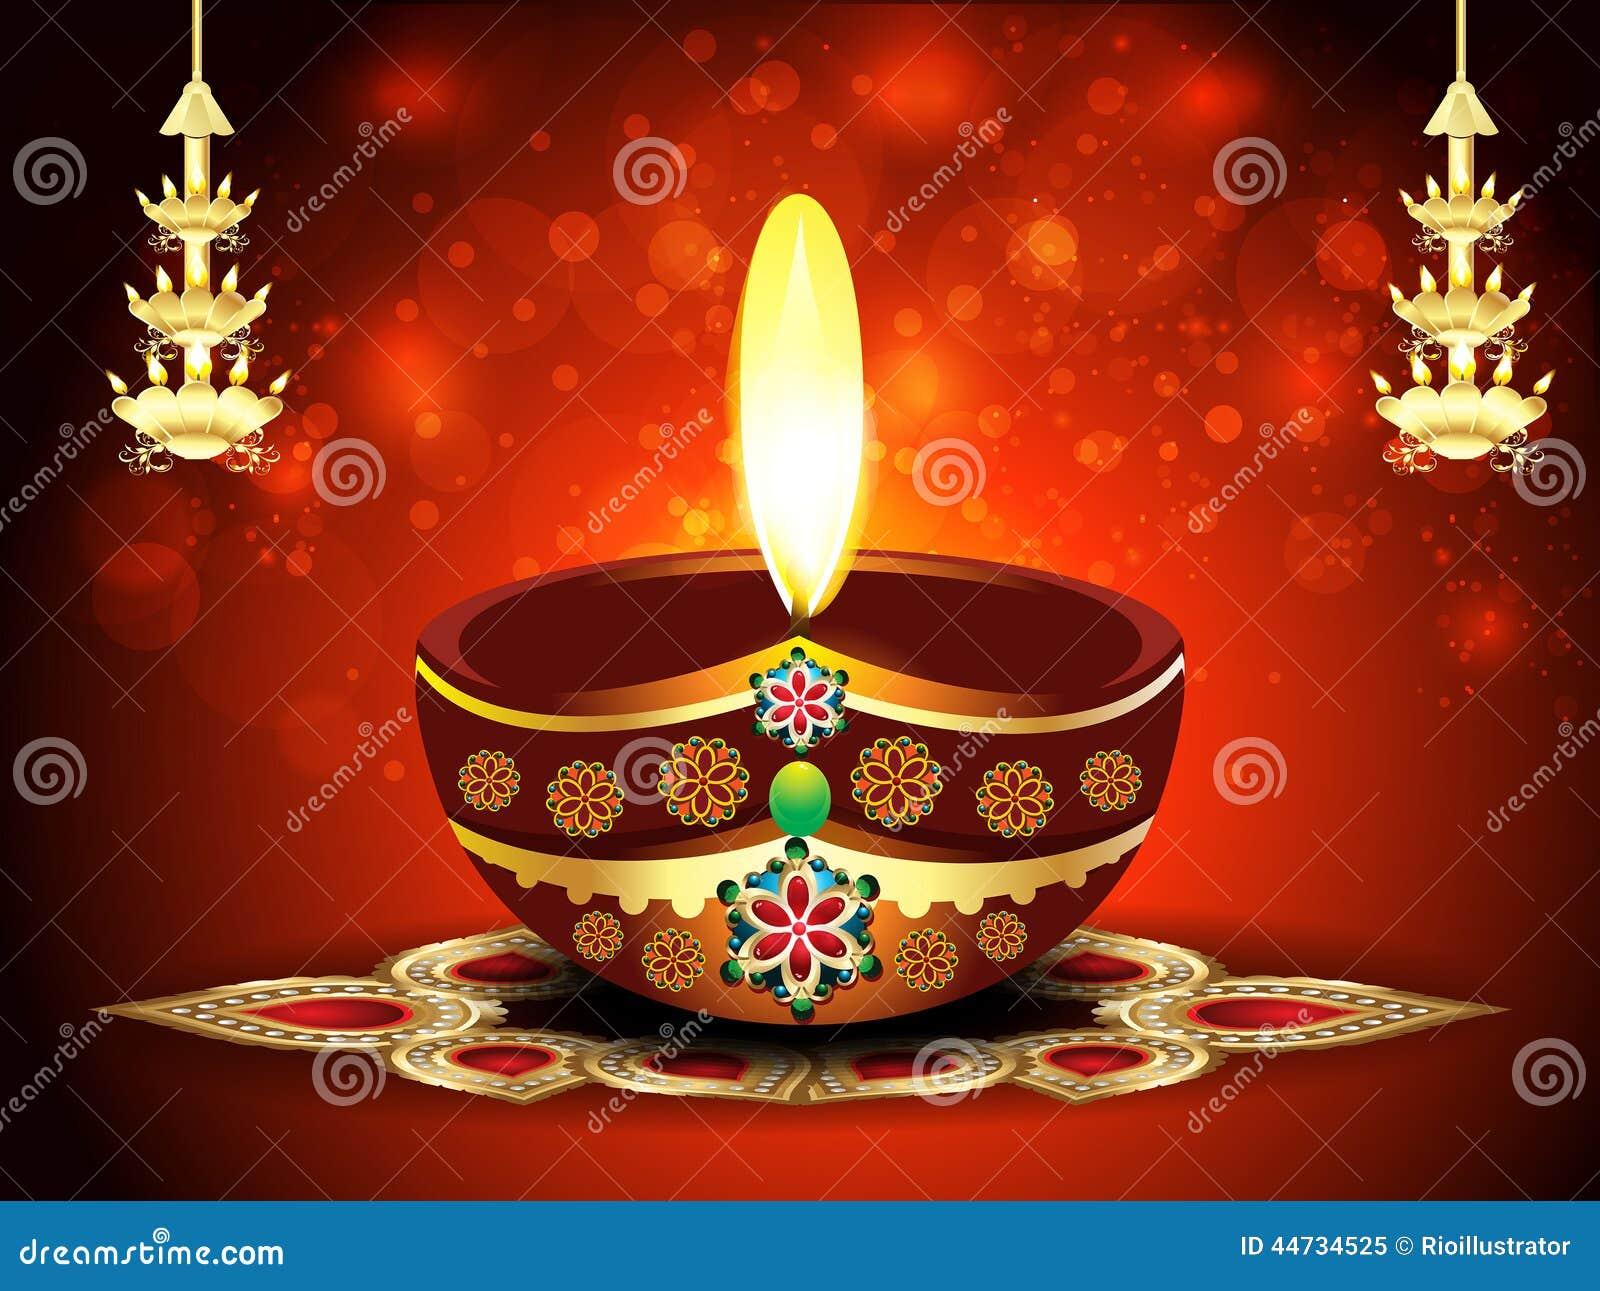 Happy diwali background with deepak stock vector image